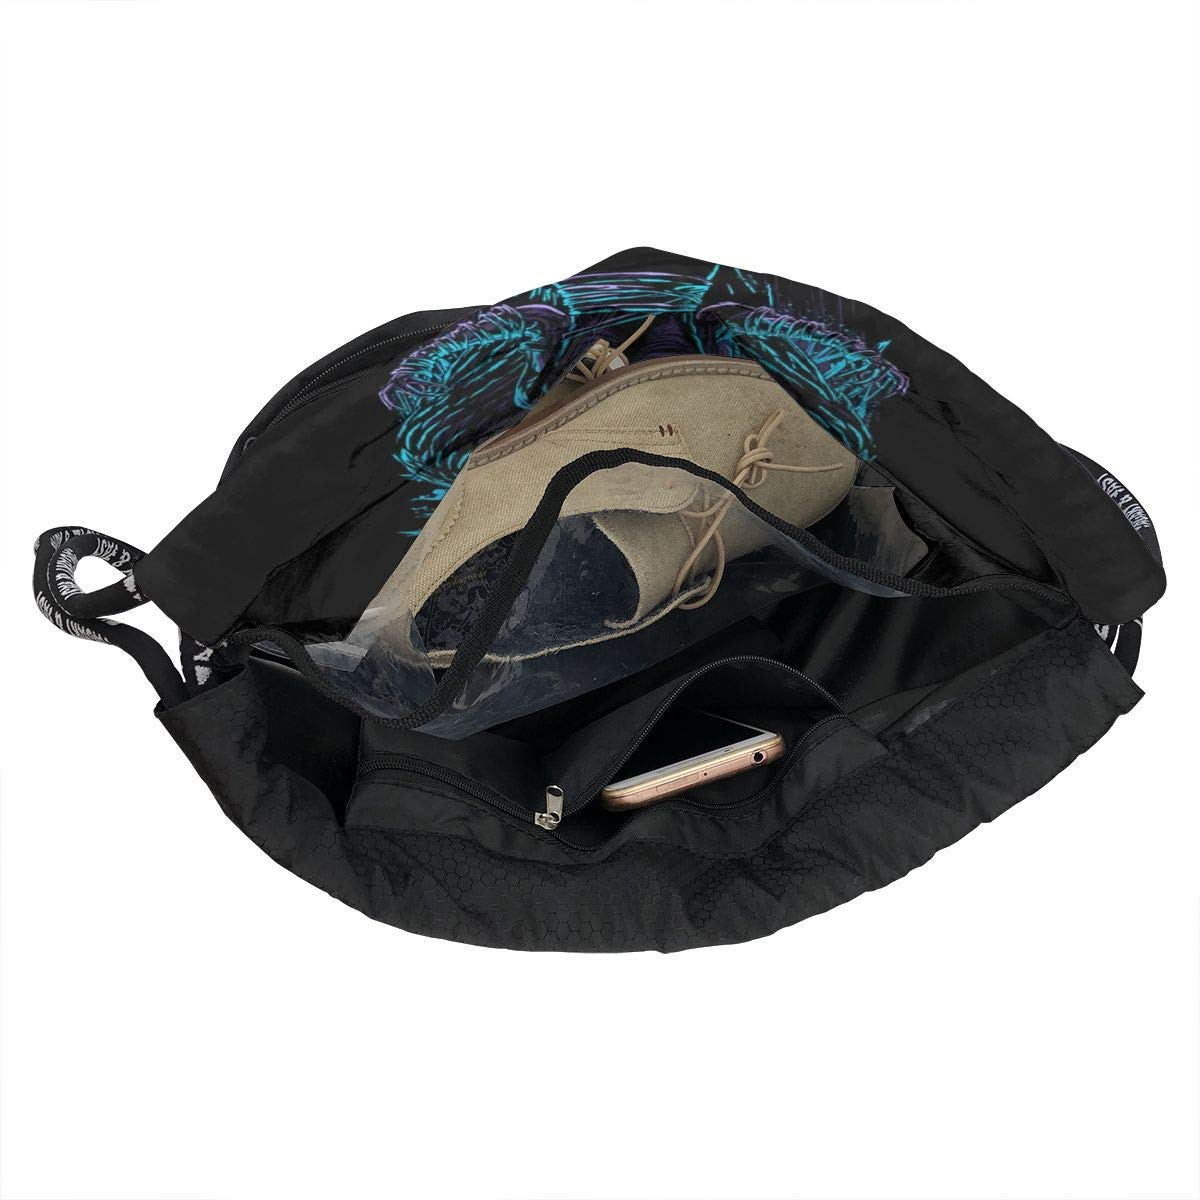 Sport Gym Travel Bag AgoodShop Suicide Silence Drawstring Backpack